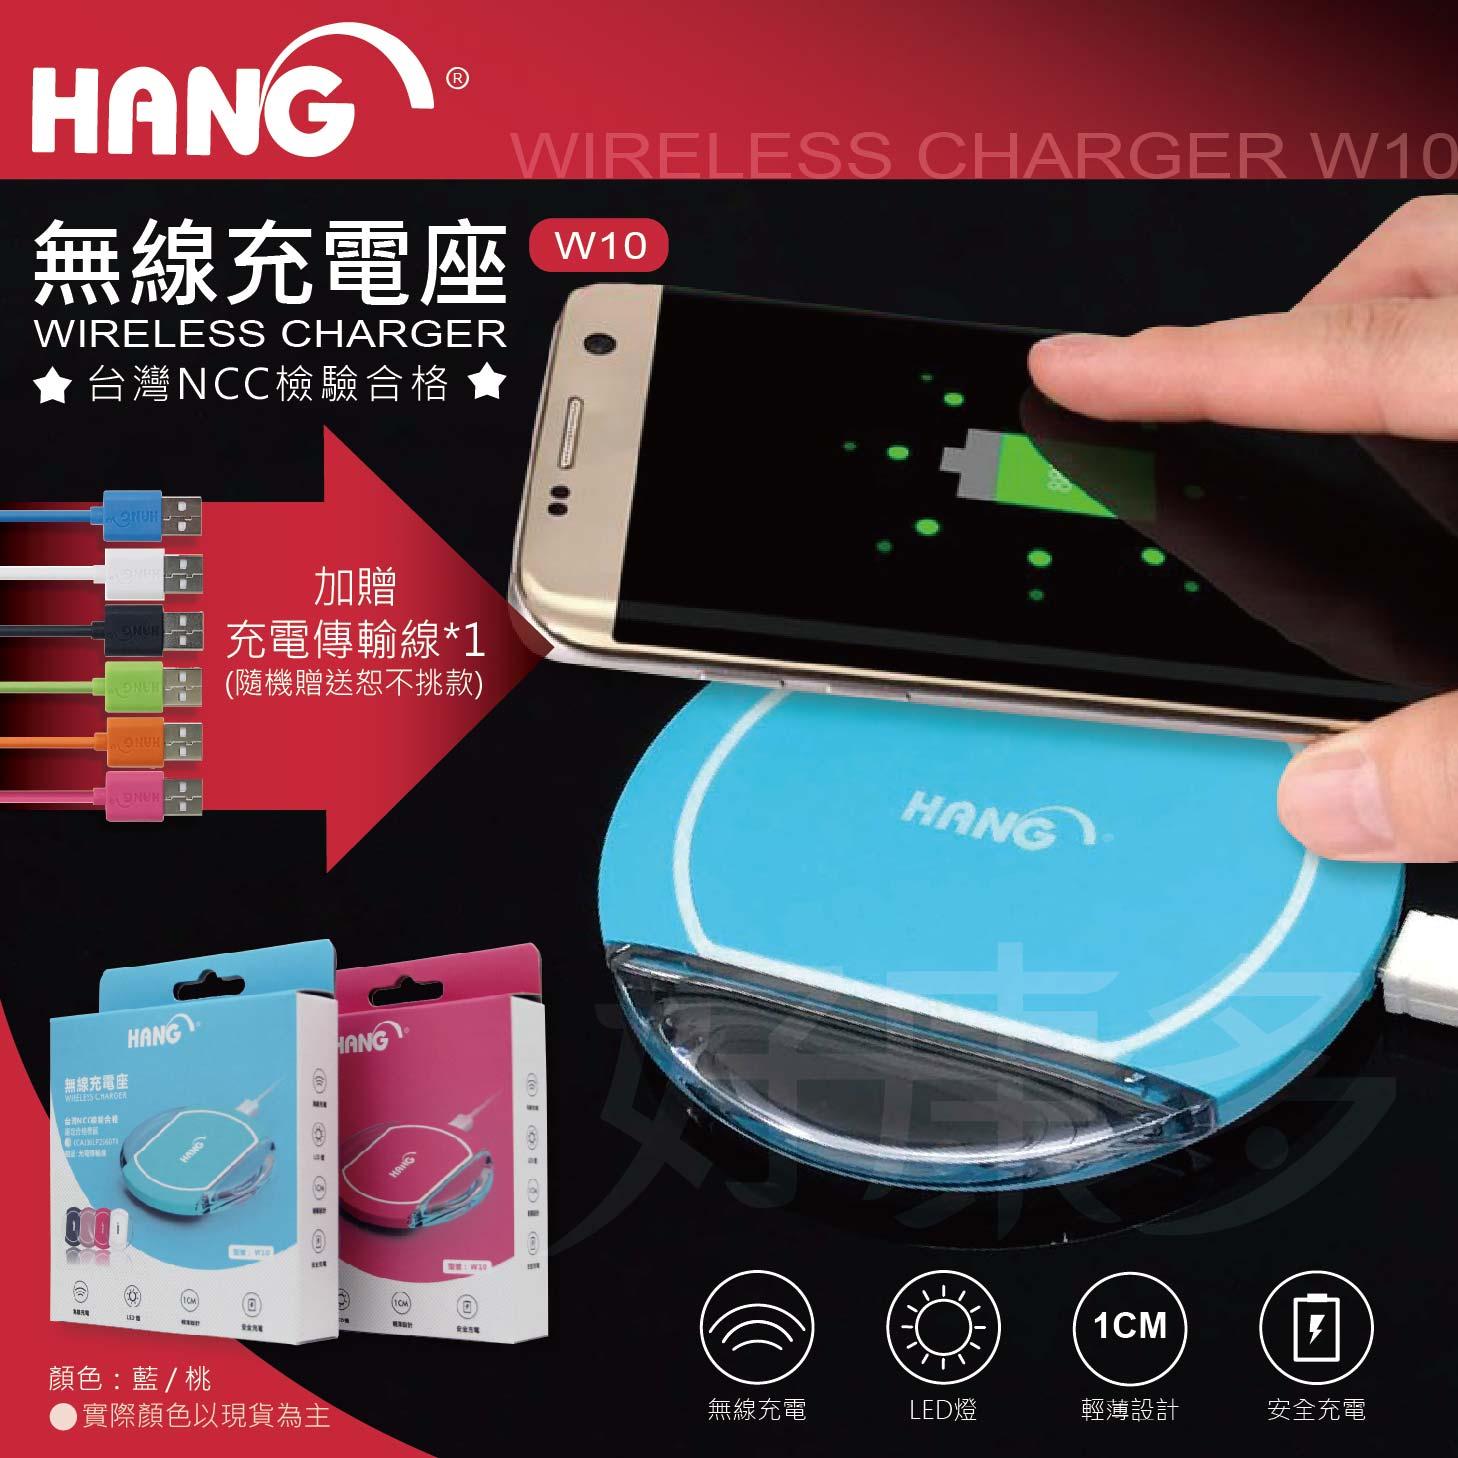 【HANG】 W10 LED 無線充電盤 ※附贈充電線※ 粉 / 藍 / 黑